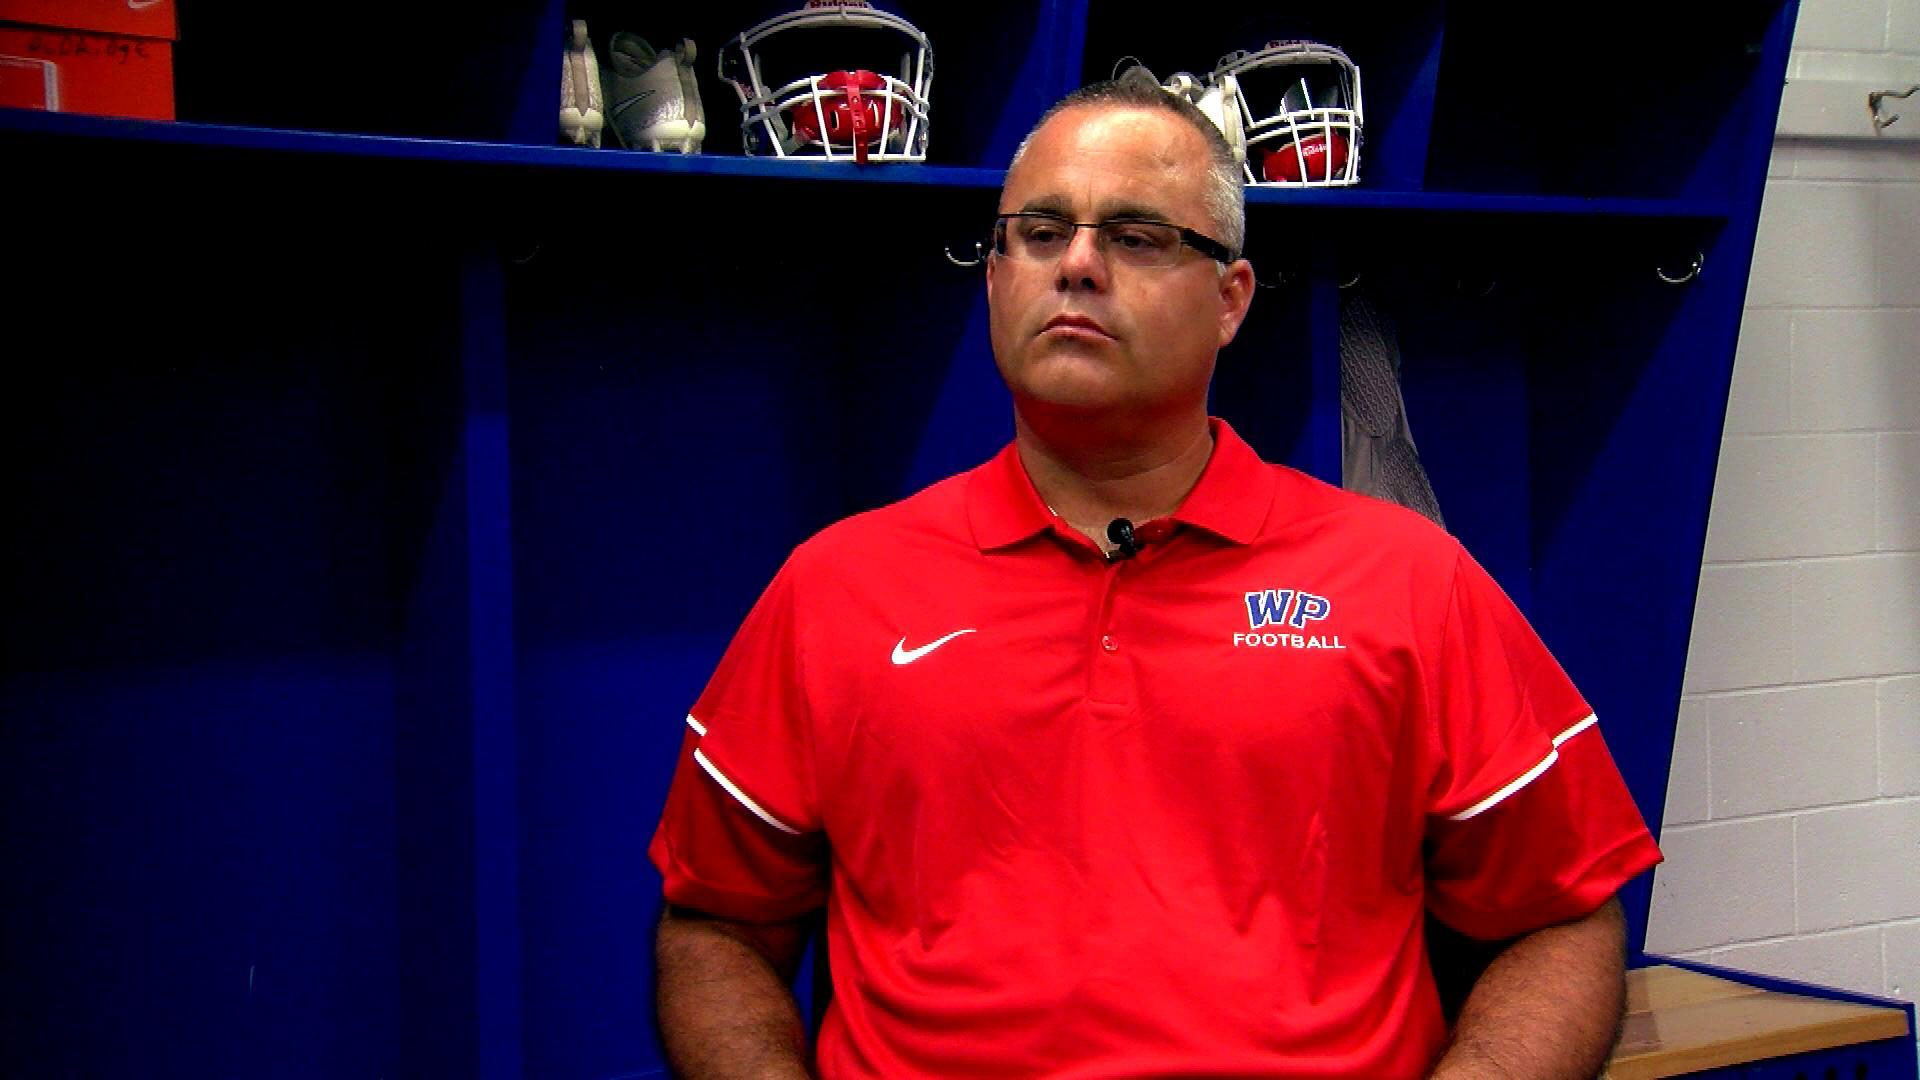 Coach Chris Daugherty